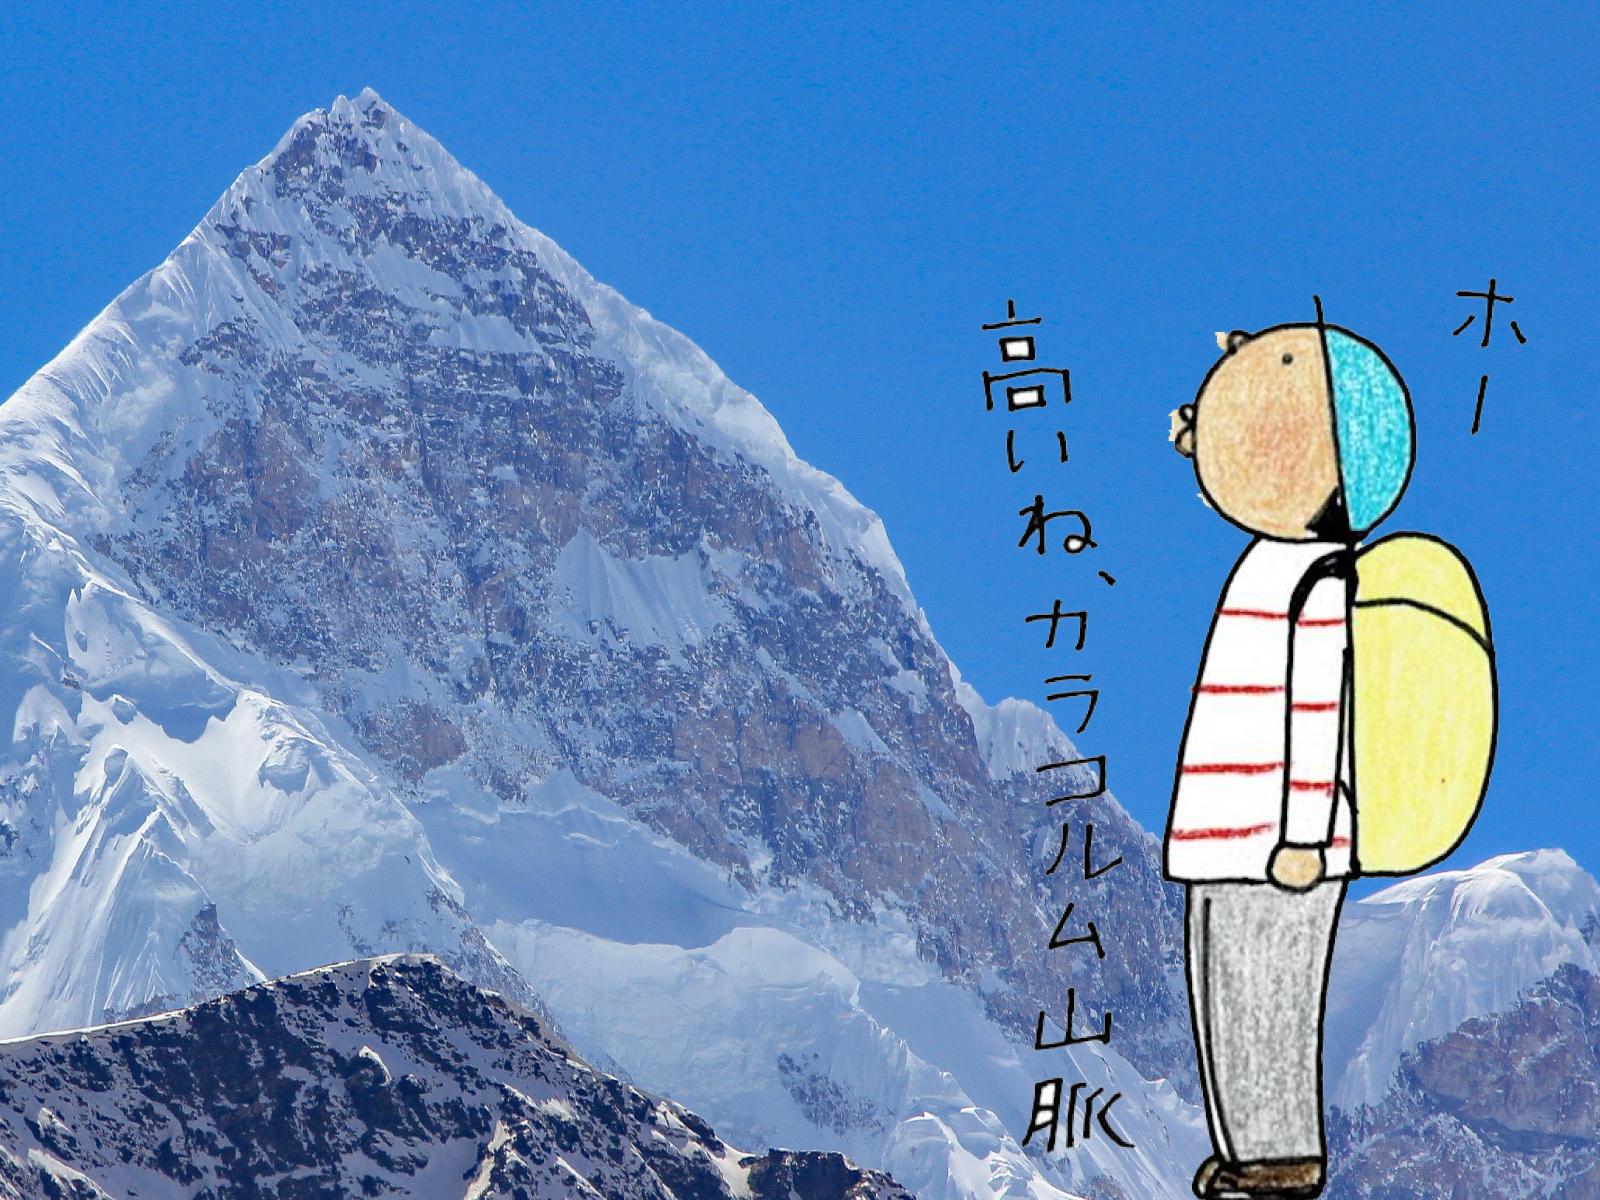 【ゴールデンウィーク企画】鈴木みきさんと行く『山っていい友!』パキスタン・フンザ~カラコルム山脈展望ハイキング 10日間